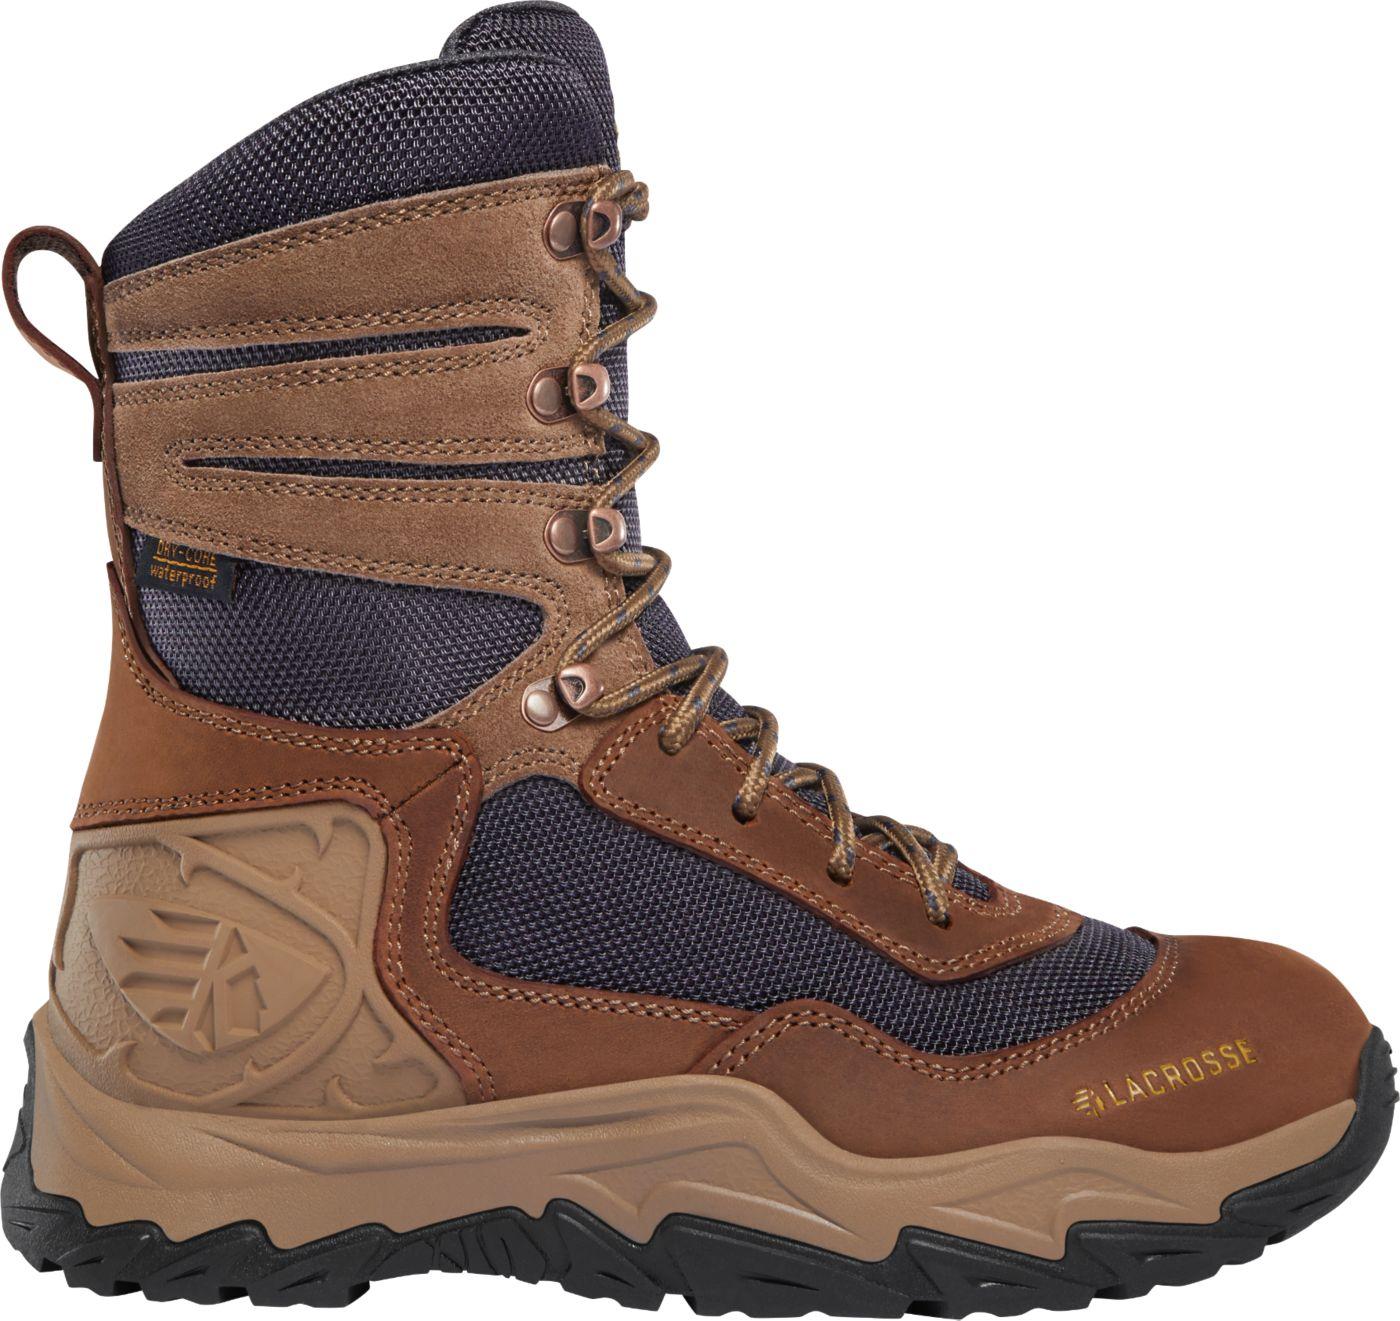 LaCrosse Women's Windrose 8'' Waterproof Hunting Boots